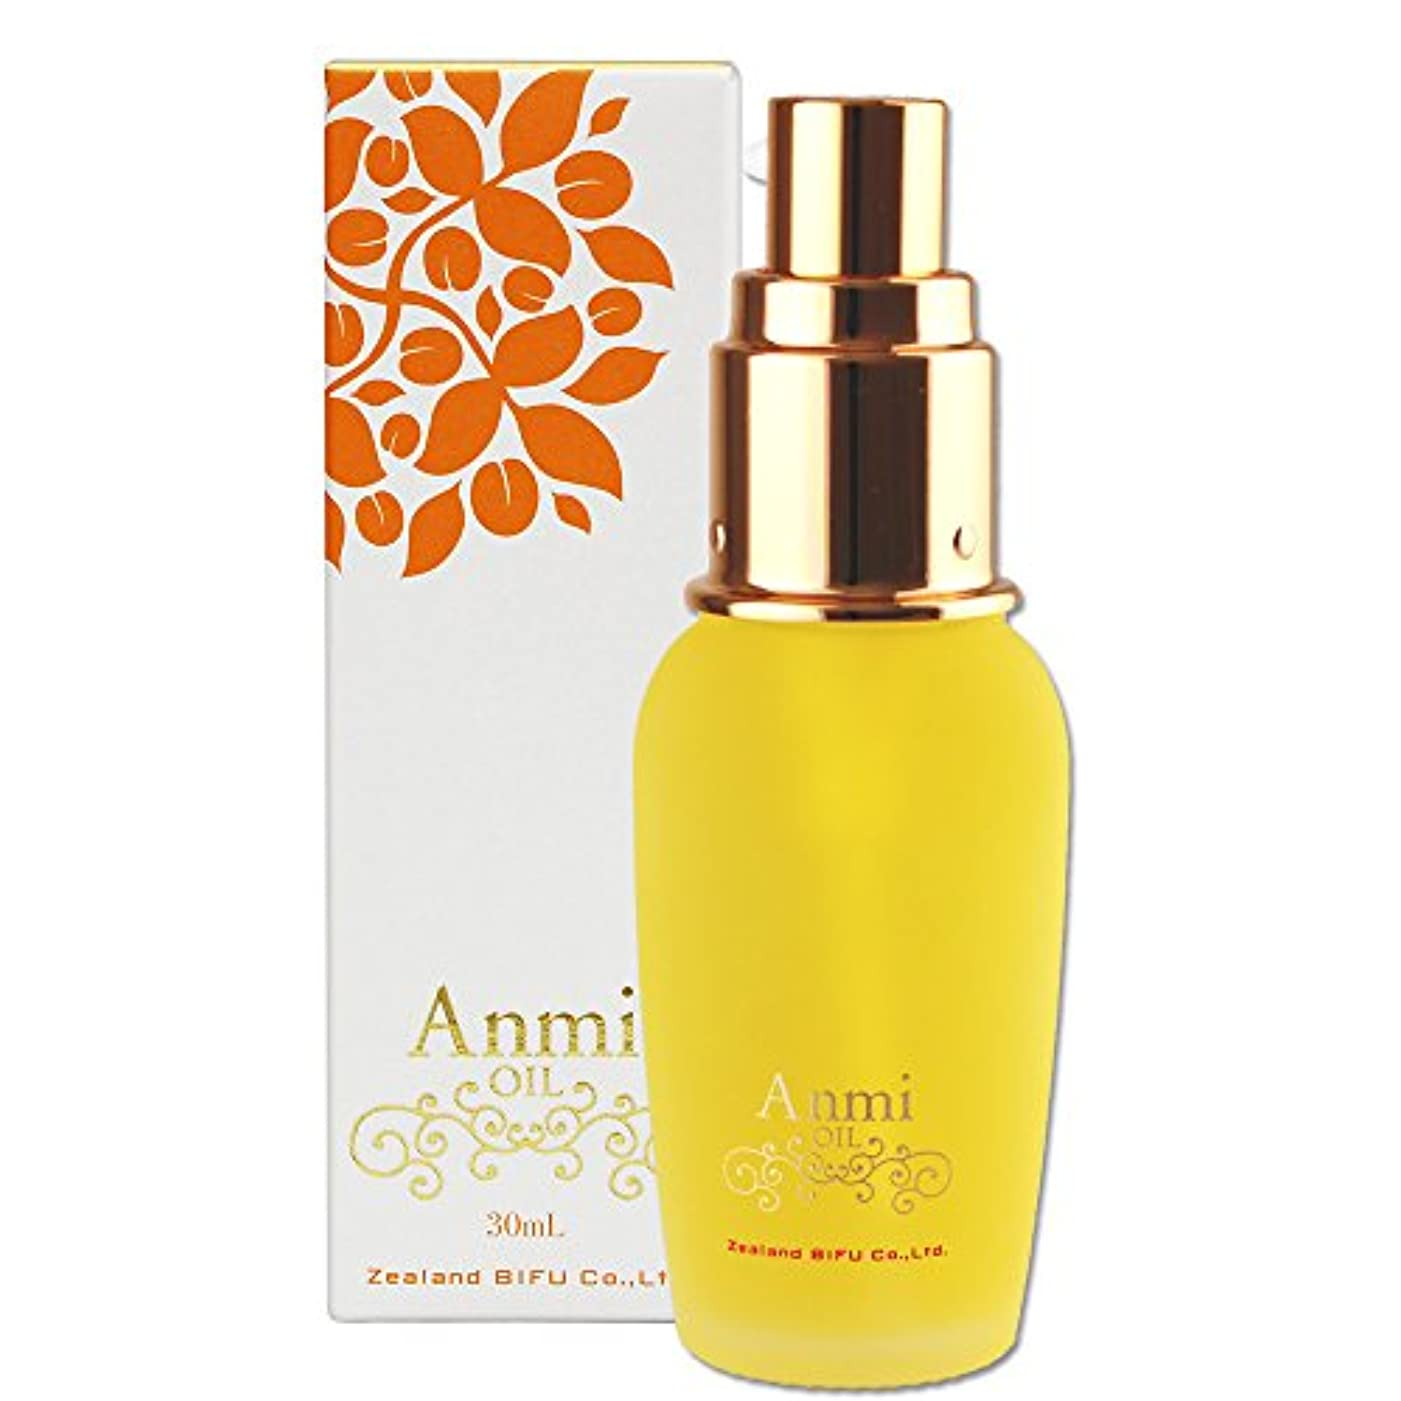 財産動詞前にAnmi アンミオイル 30ml ヨクイニンエキス配合 肌に浸透させて顔や首元のぶつぶつケアに。